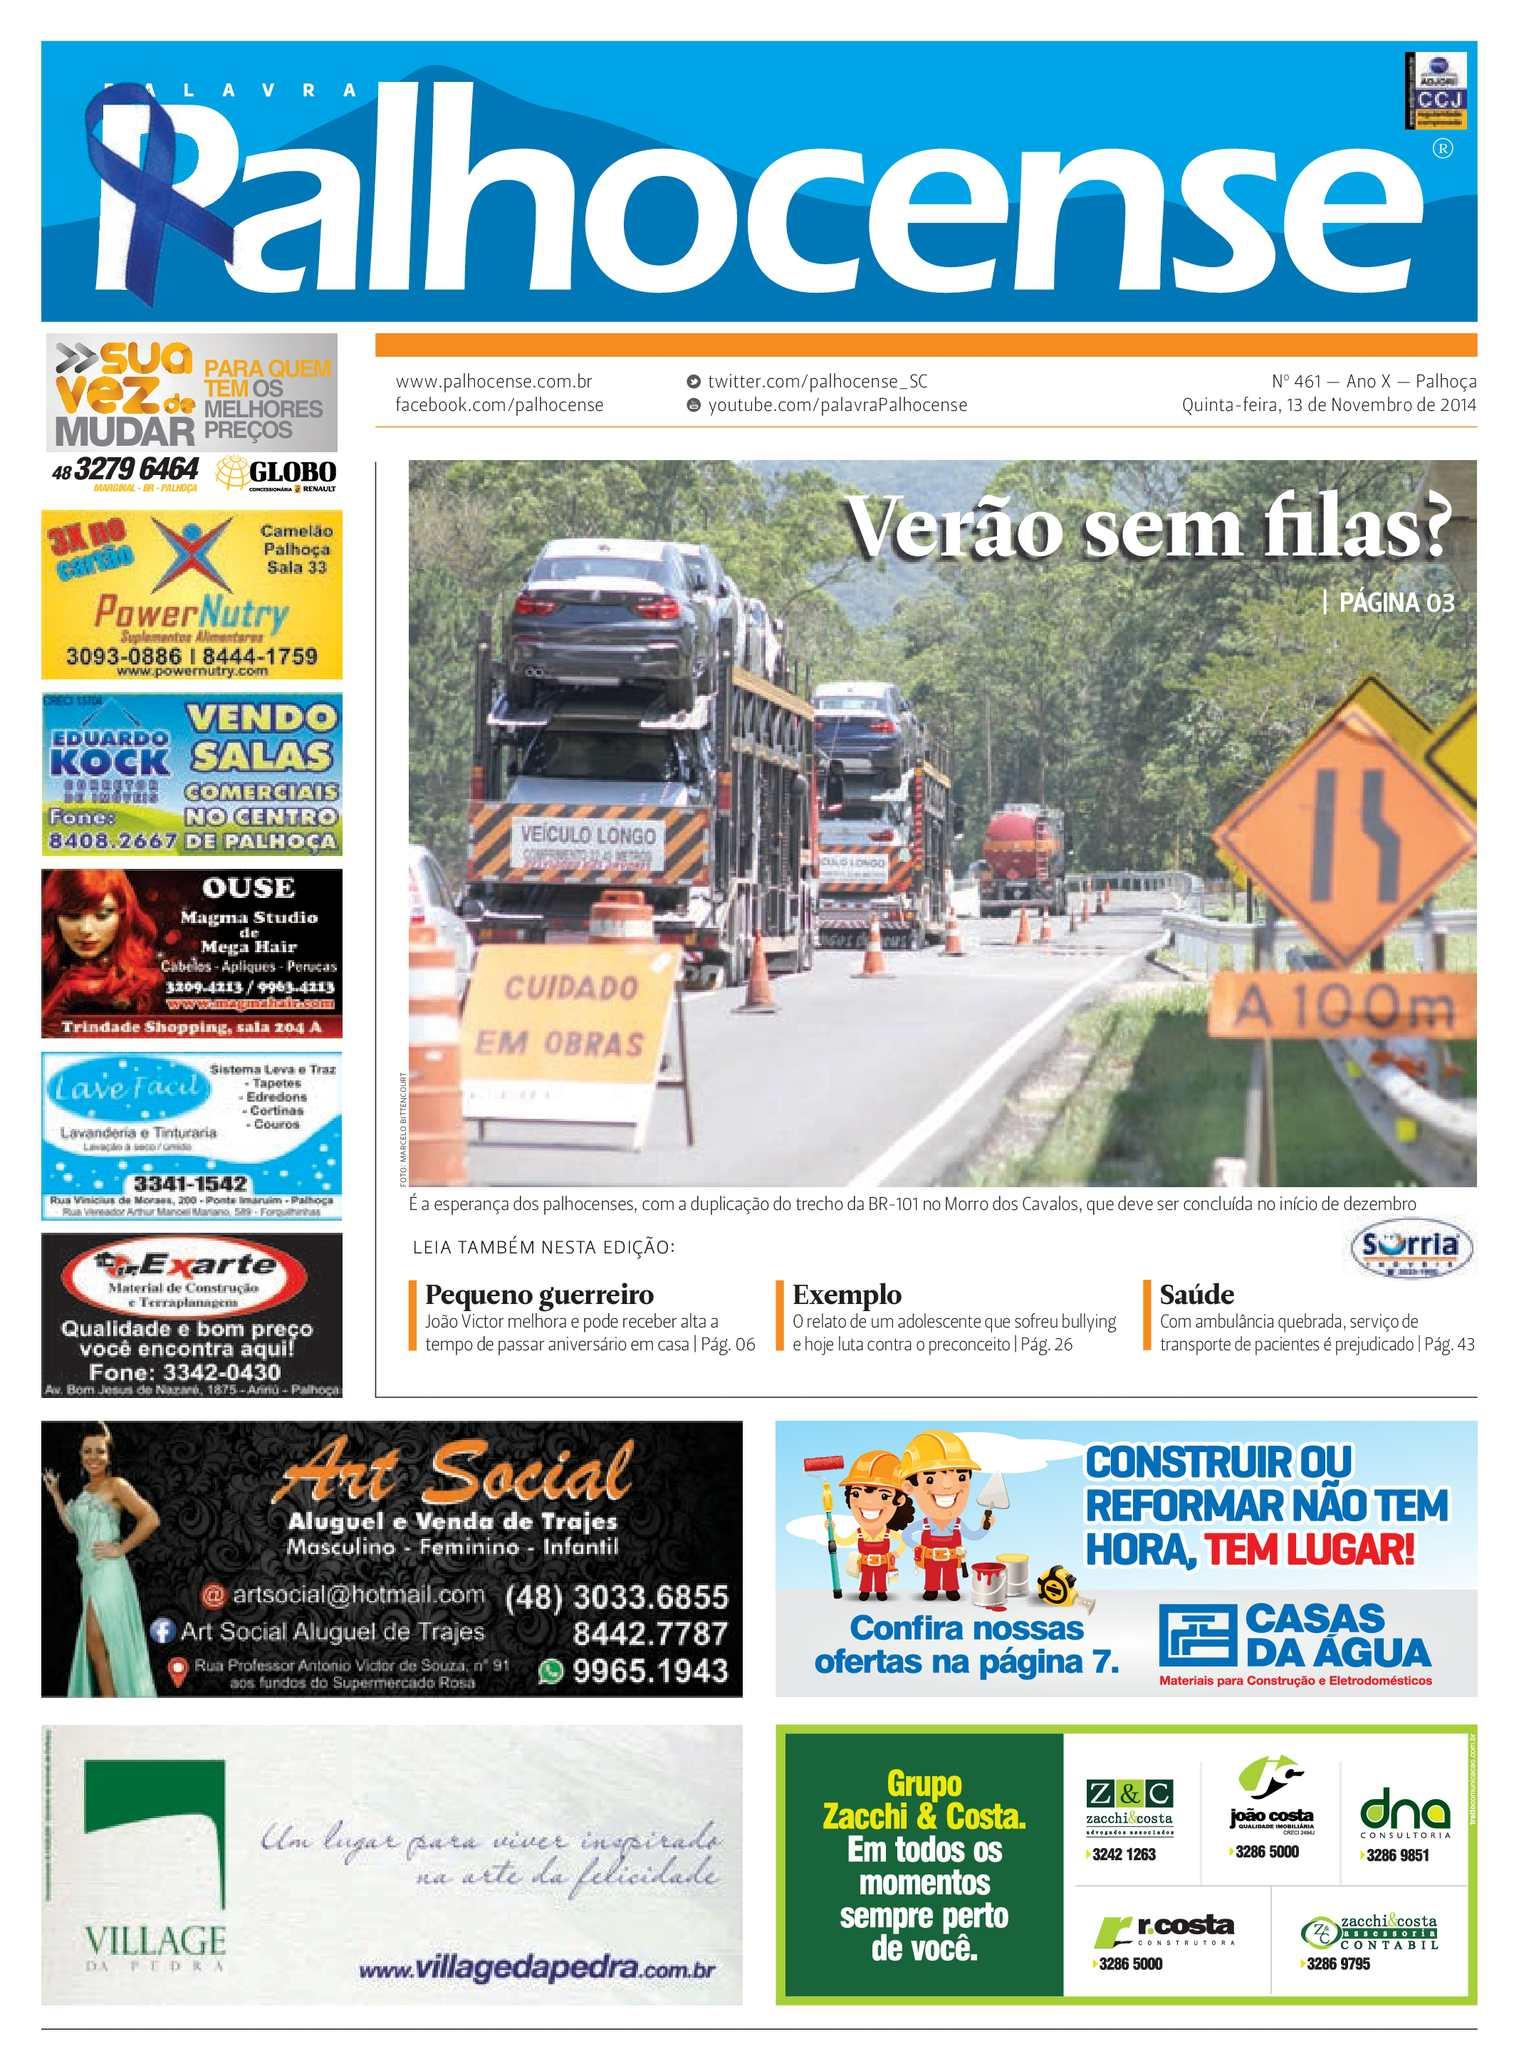 Calaméo - Jornal Palavra Palhocense - Edição 461 64240128e83ef